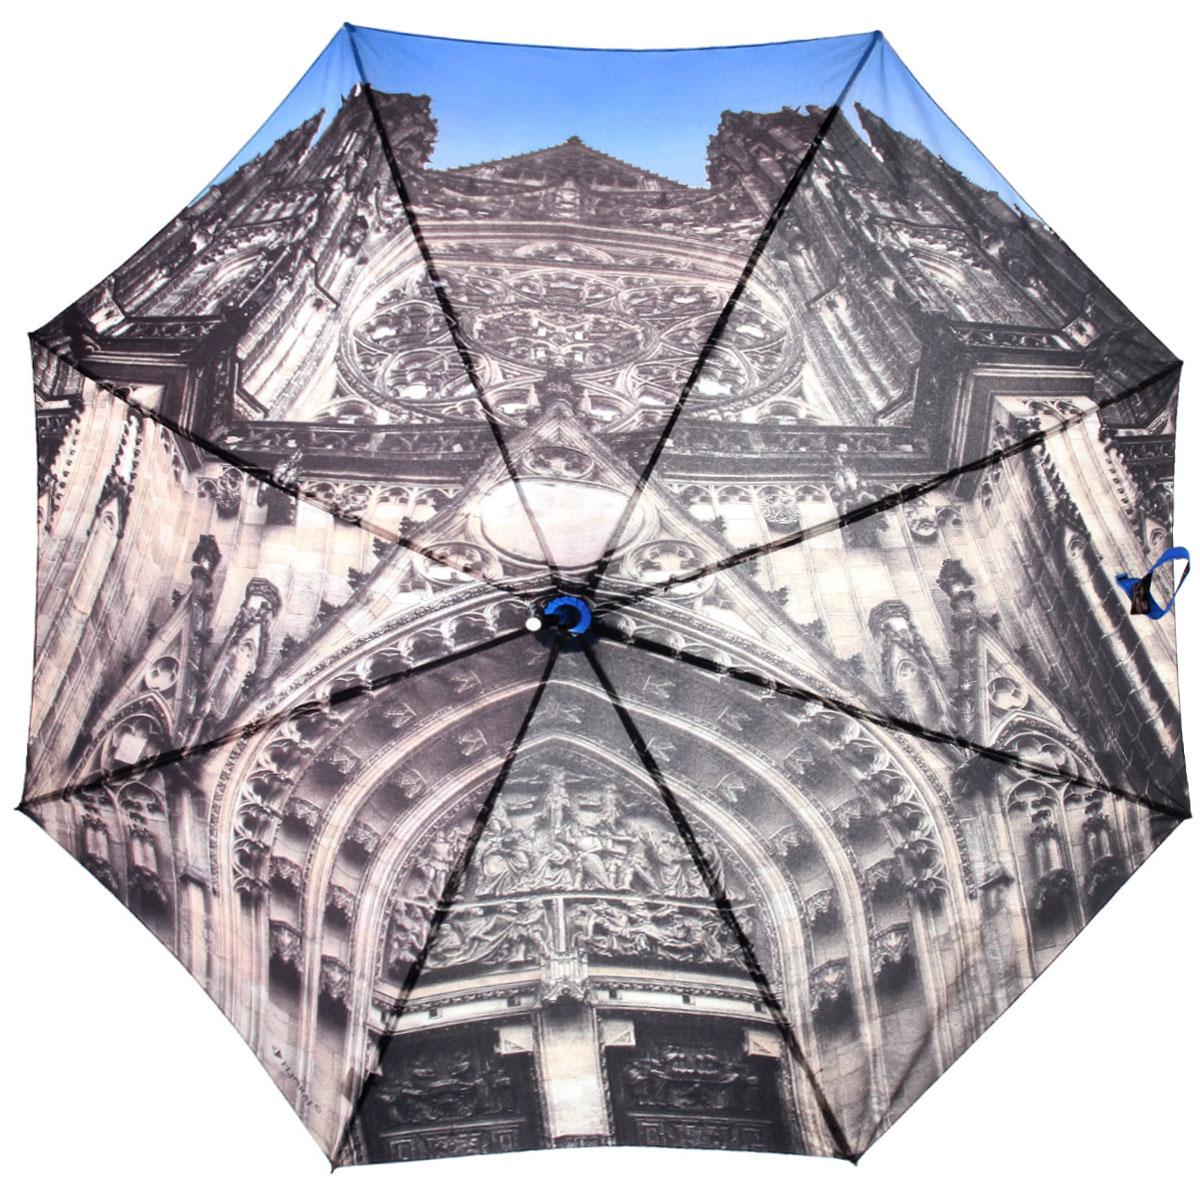 Зонт-трость Flioraj Чешский собор, полуавтомат, голубой, серый012-7 FJЭлегантный полуавтоматический зонт-трость Flioraj Чешский собор даже в ненастную погоду позволит вам подчеркнуть свою индивидуальность. Каркас зонта из анодированной стали состоит из восьми карбоновых спиц, а рукоятка закругленной формы разработана с учетом требований эргономики и покрыта искусственной кожей. Зонт снабжен системой Антиветер. Зонт имеет полуавтоматический механизм сложения: купол открывается нажатием кнопки на рукоятке, а закрывается вручную до характерного щелчка. Купол зонта выполнен из прочного полиэстера с тефлоновой пропиткой и оформлен оригинальным изображением собора Святого Вита. Закрытый купол фиксируется хлястиком на кнопке. Такой зонт не только надежно защитит вас от дождя, но и станет стильным аксессуаром.